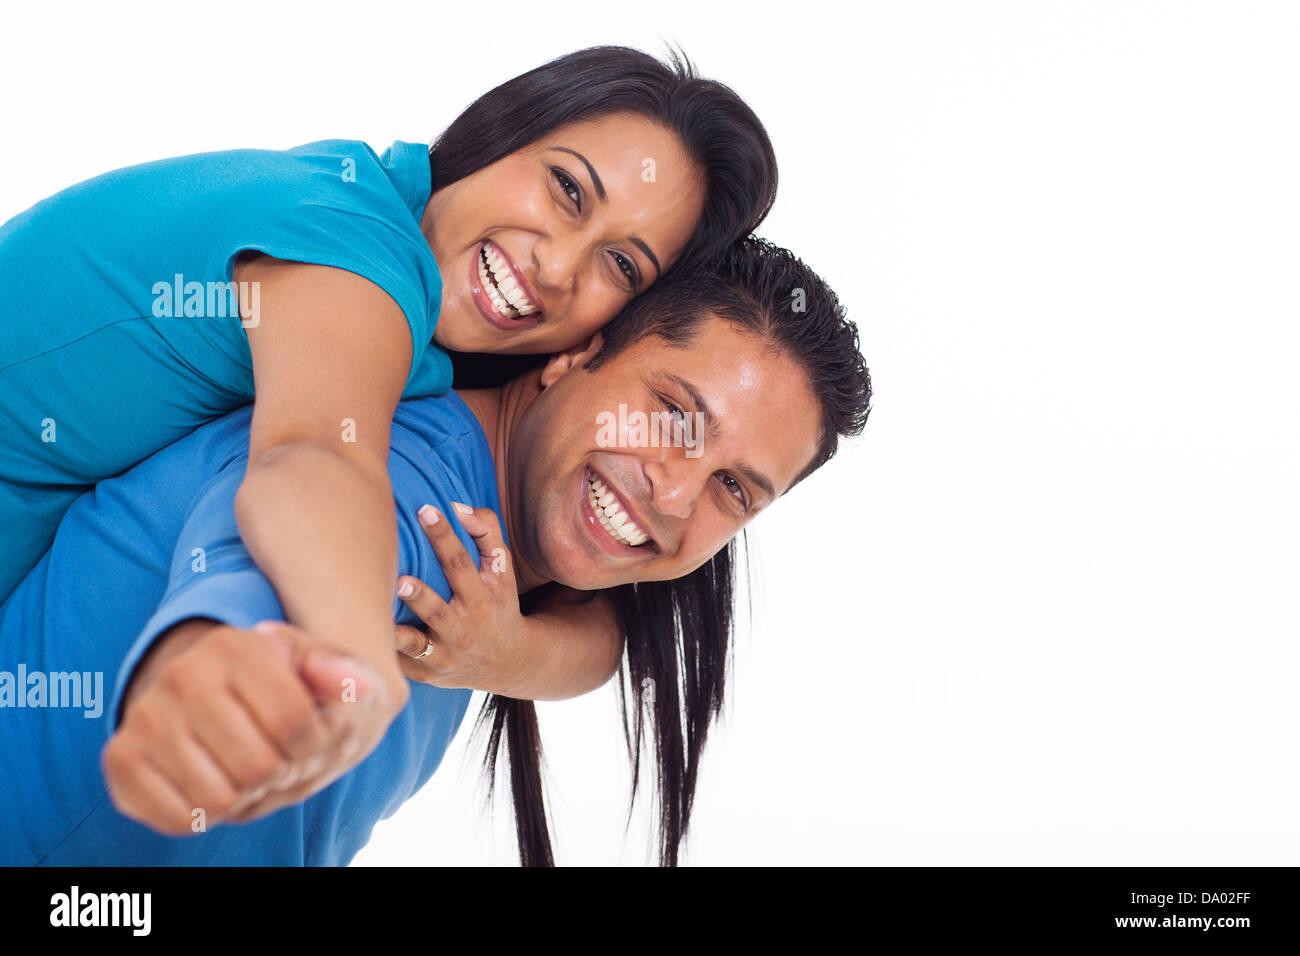 Felice giovani indiani giovane divertendosi con piggyback su sfondo bianco Immagini Stock